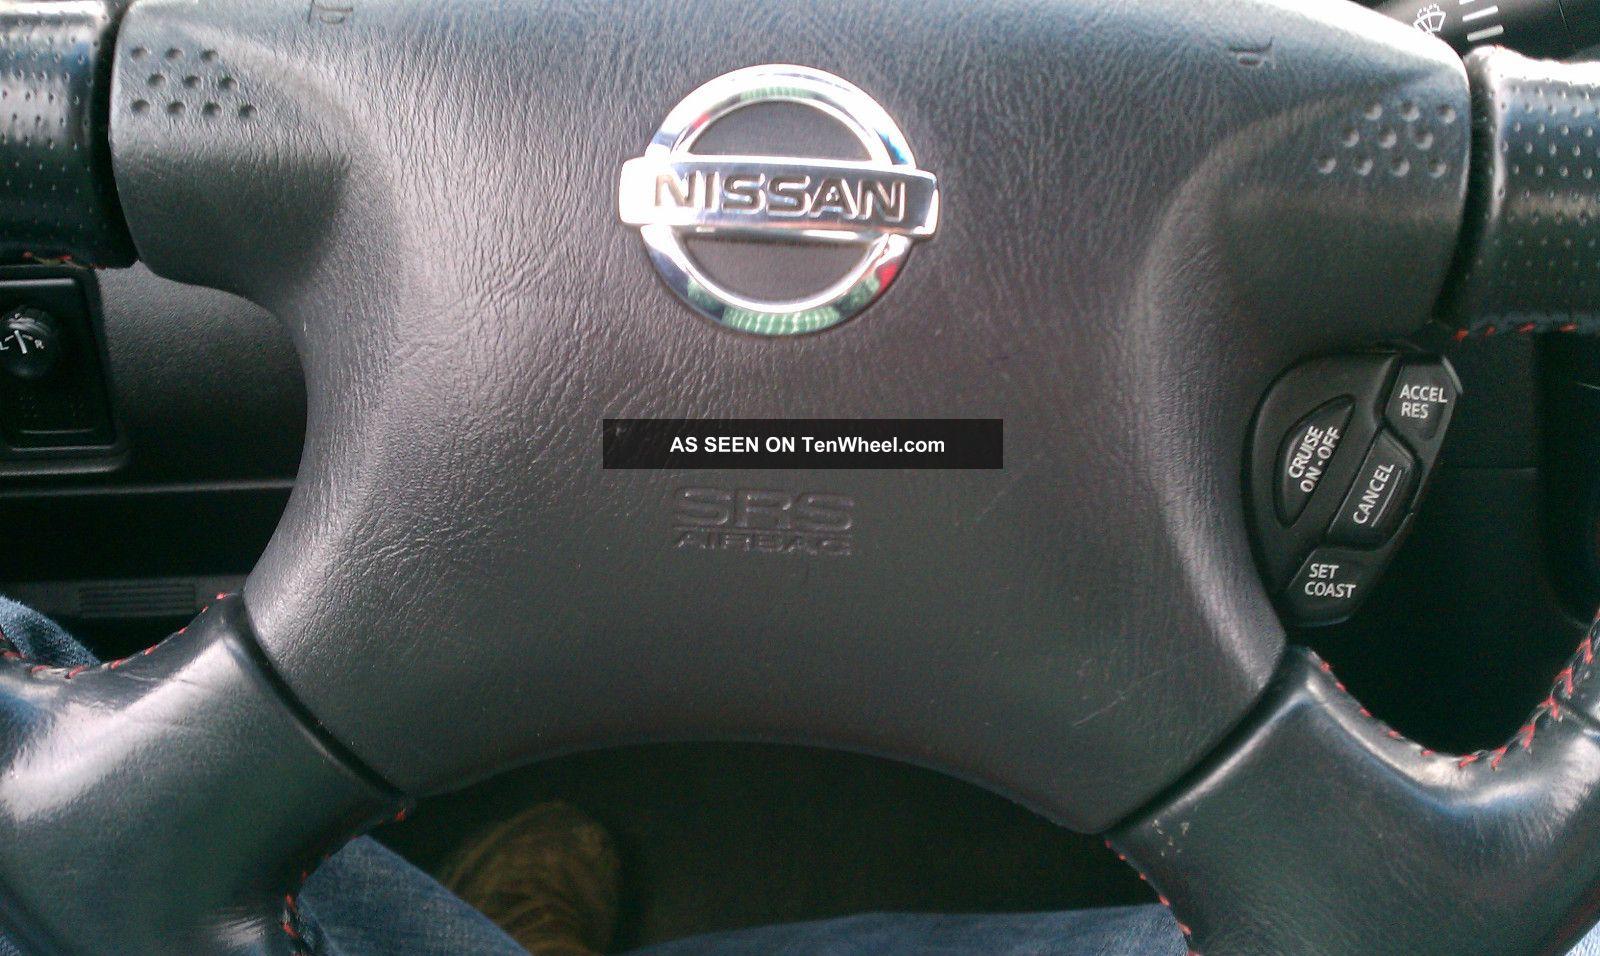 Car Nissan Manual 2019 Sentra Repair 2002 R 2 5 Se